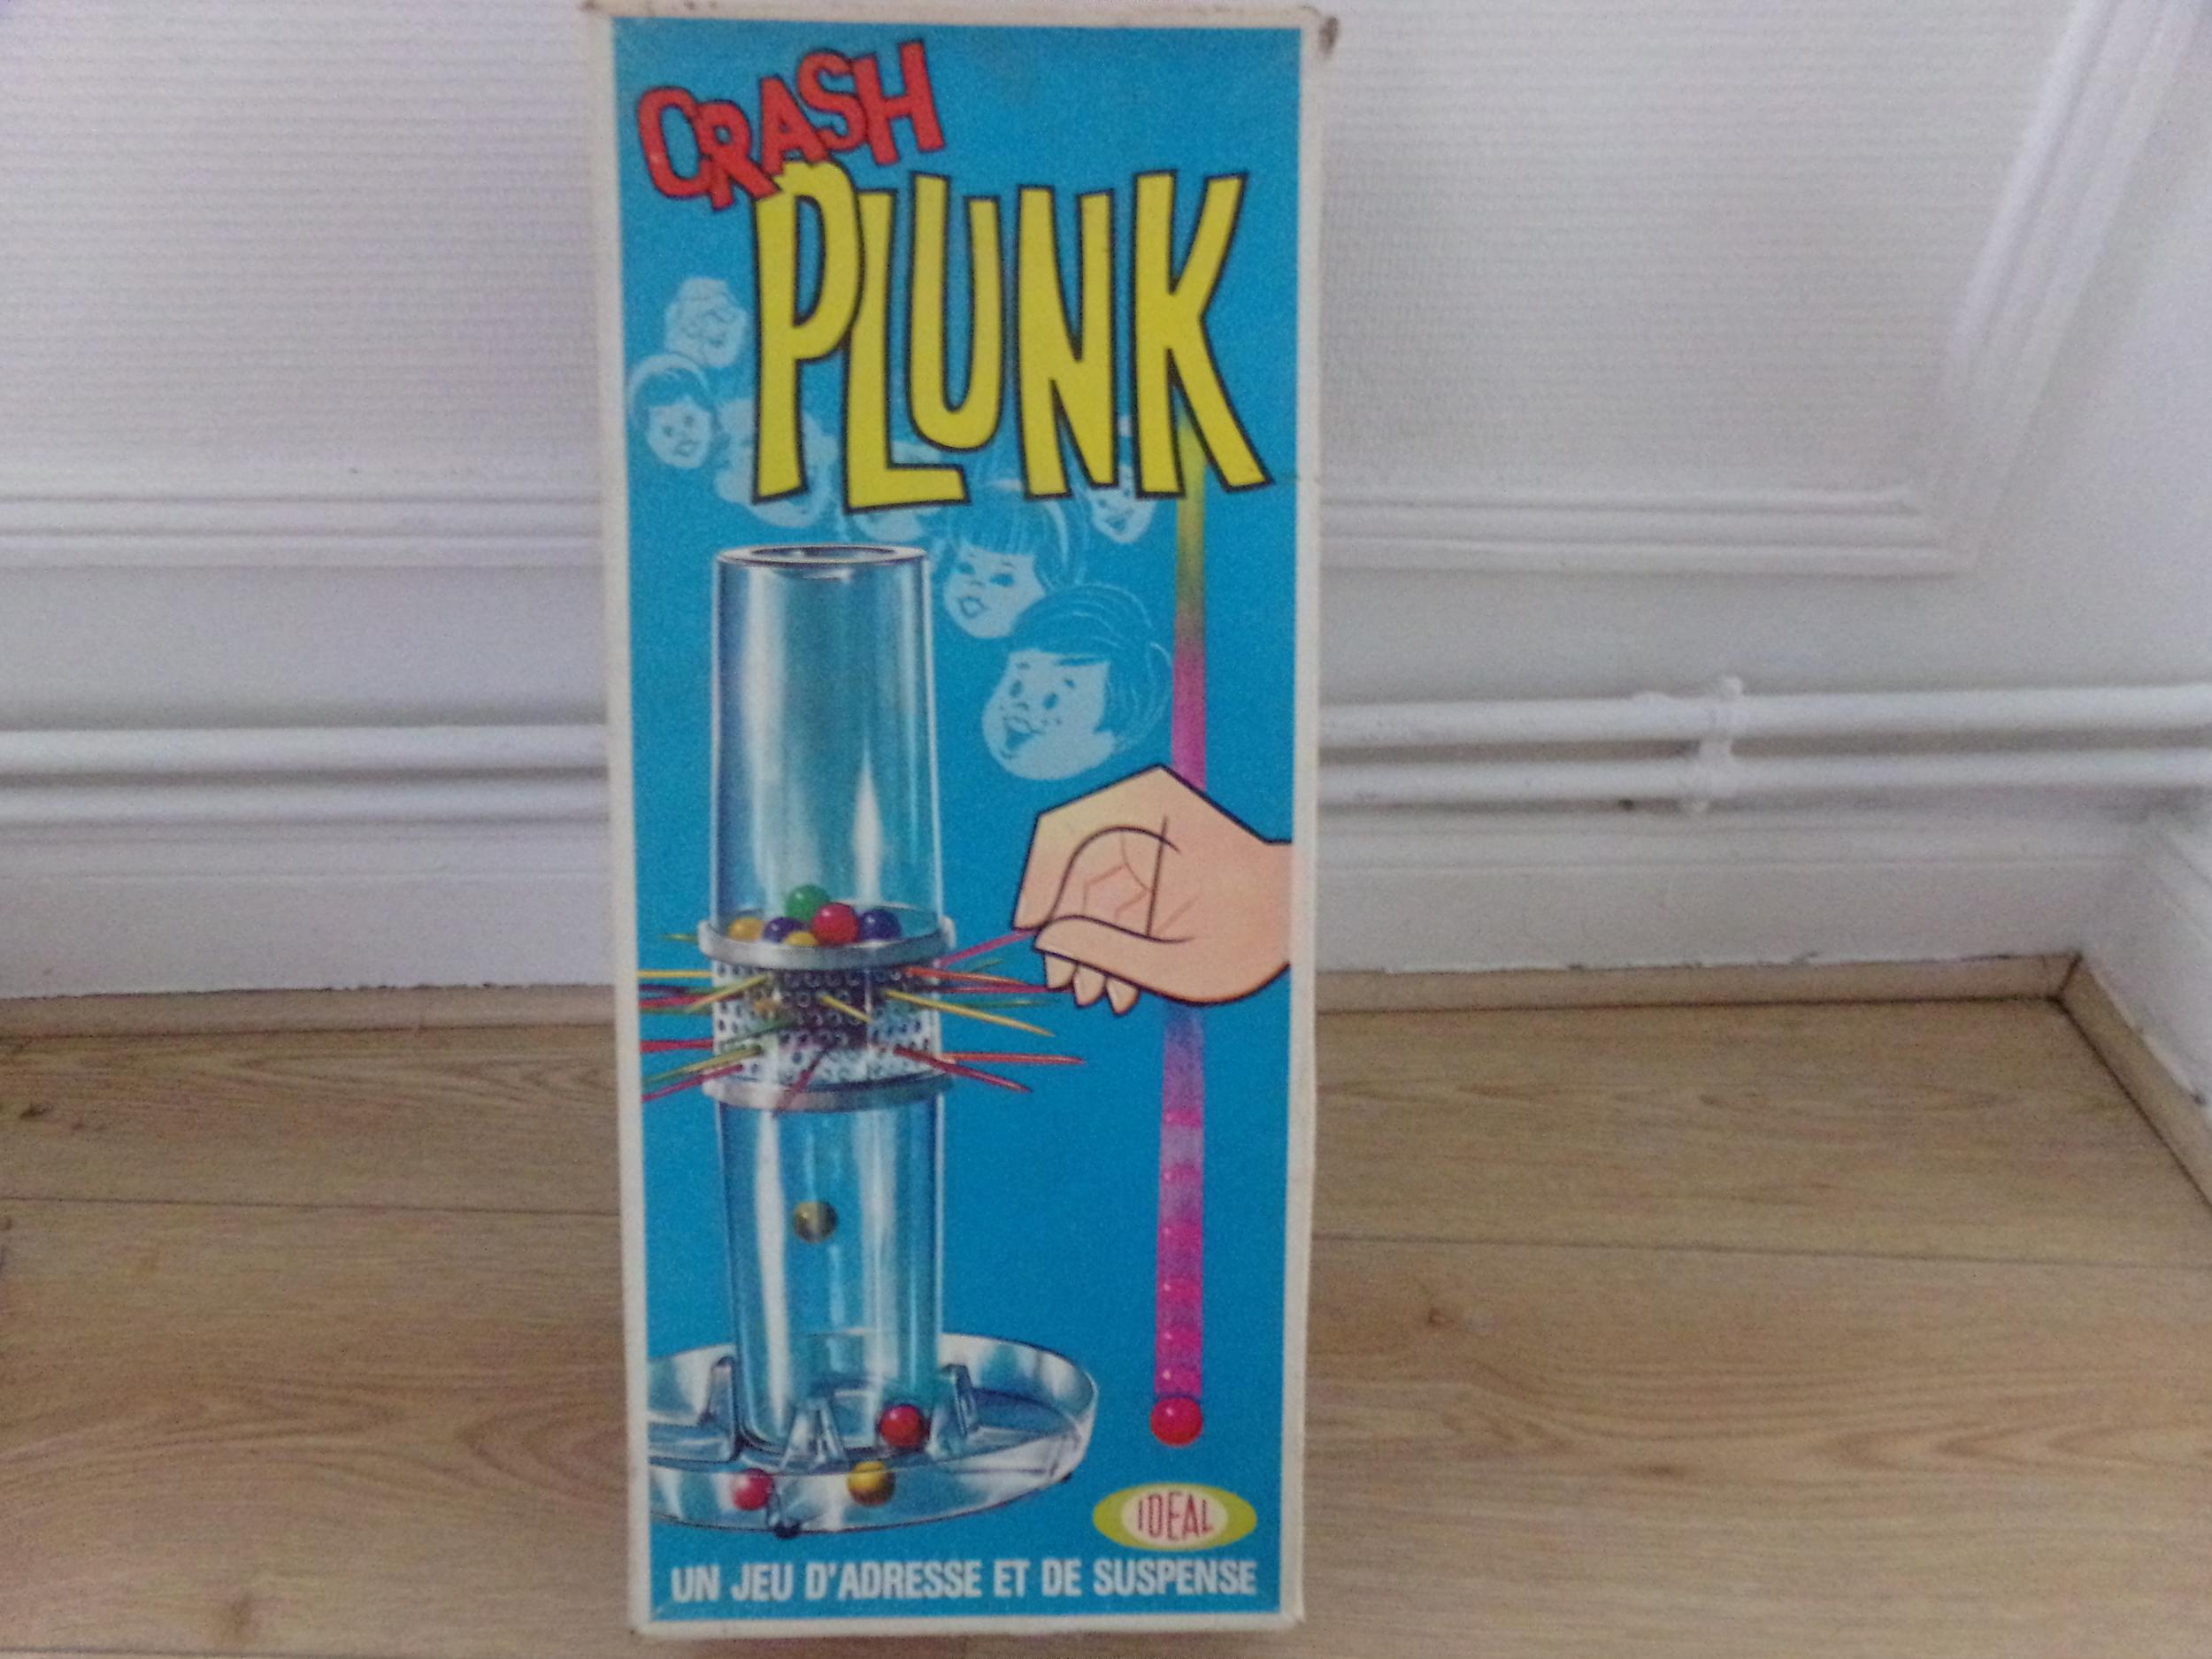 Crash Plunk